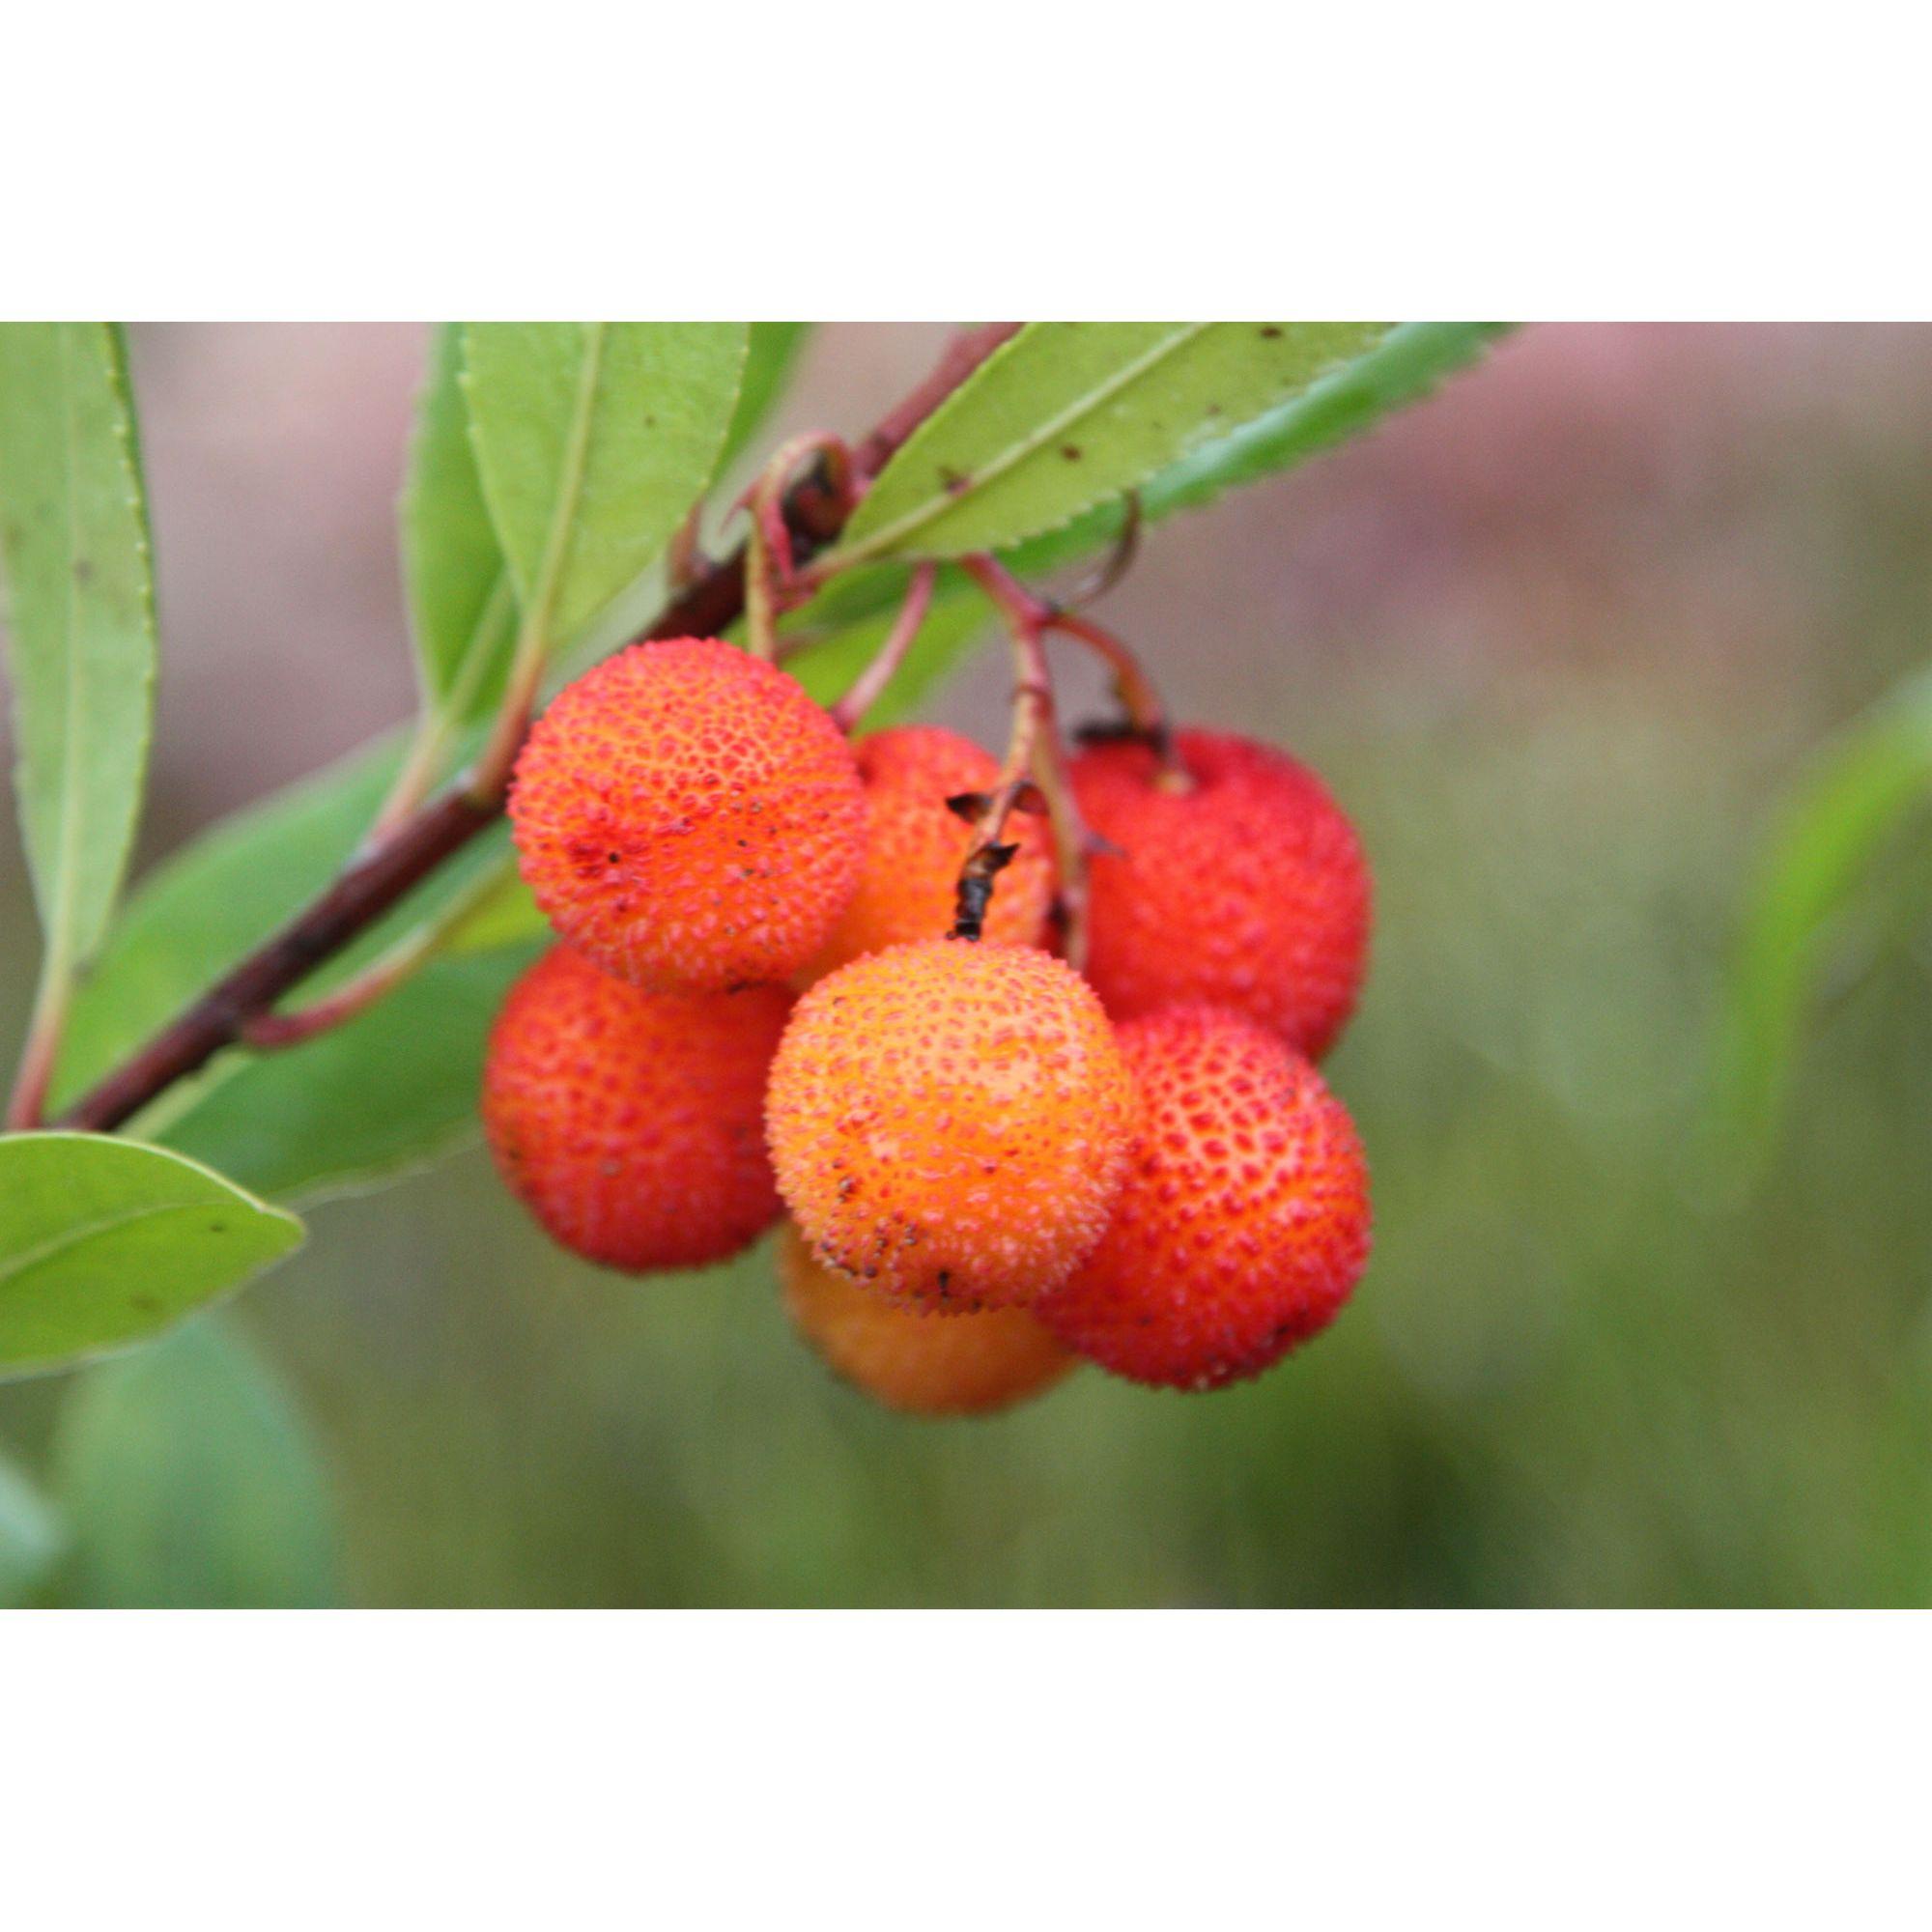 strawberry-tree-arbutus-unedo